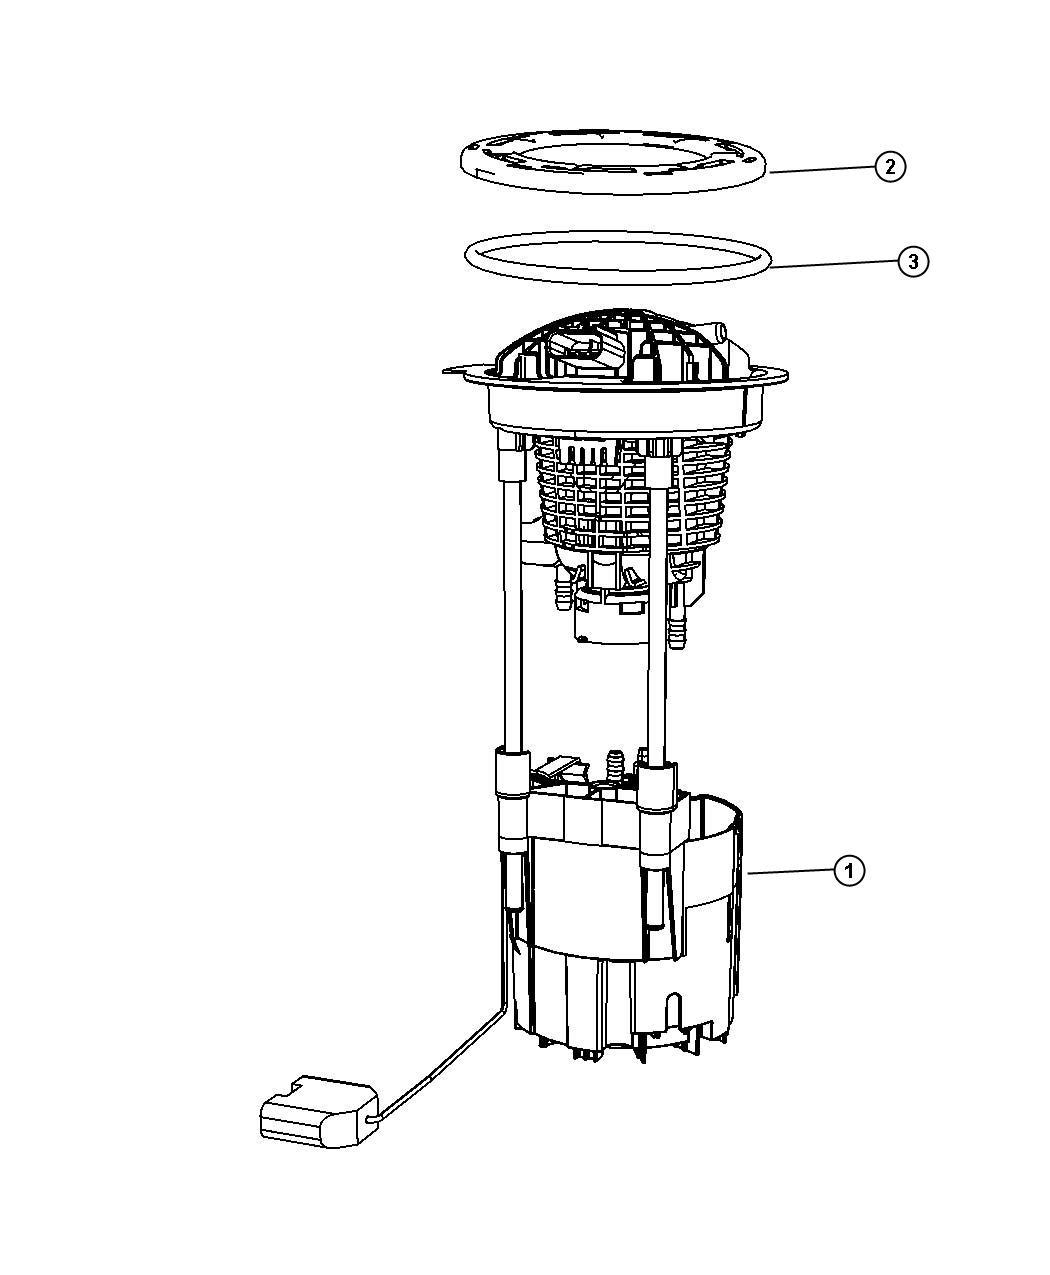 Mopar Performance Rl Ac Mopar Module Fuel Pump L